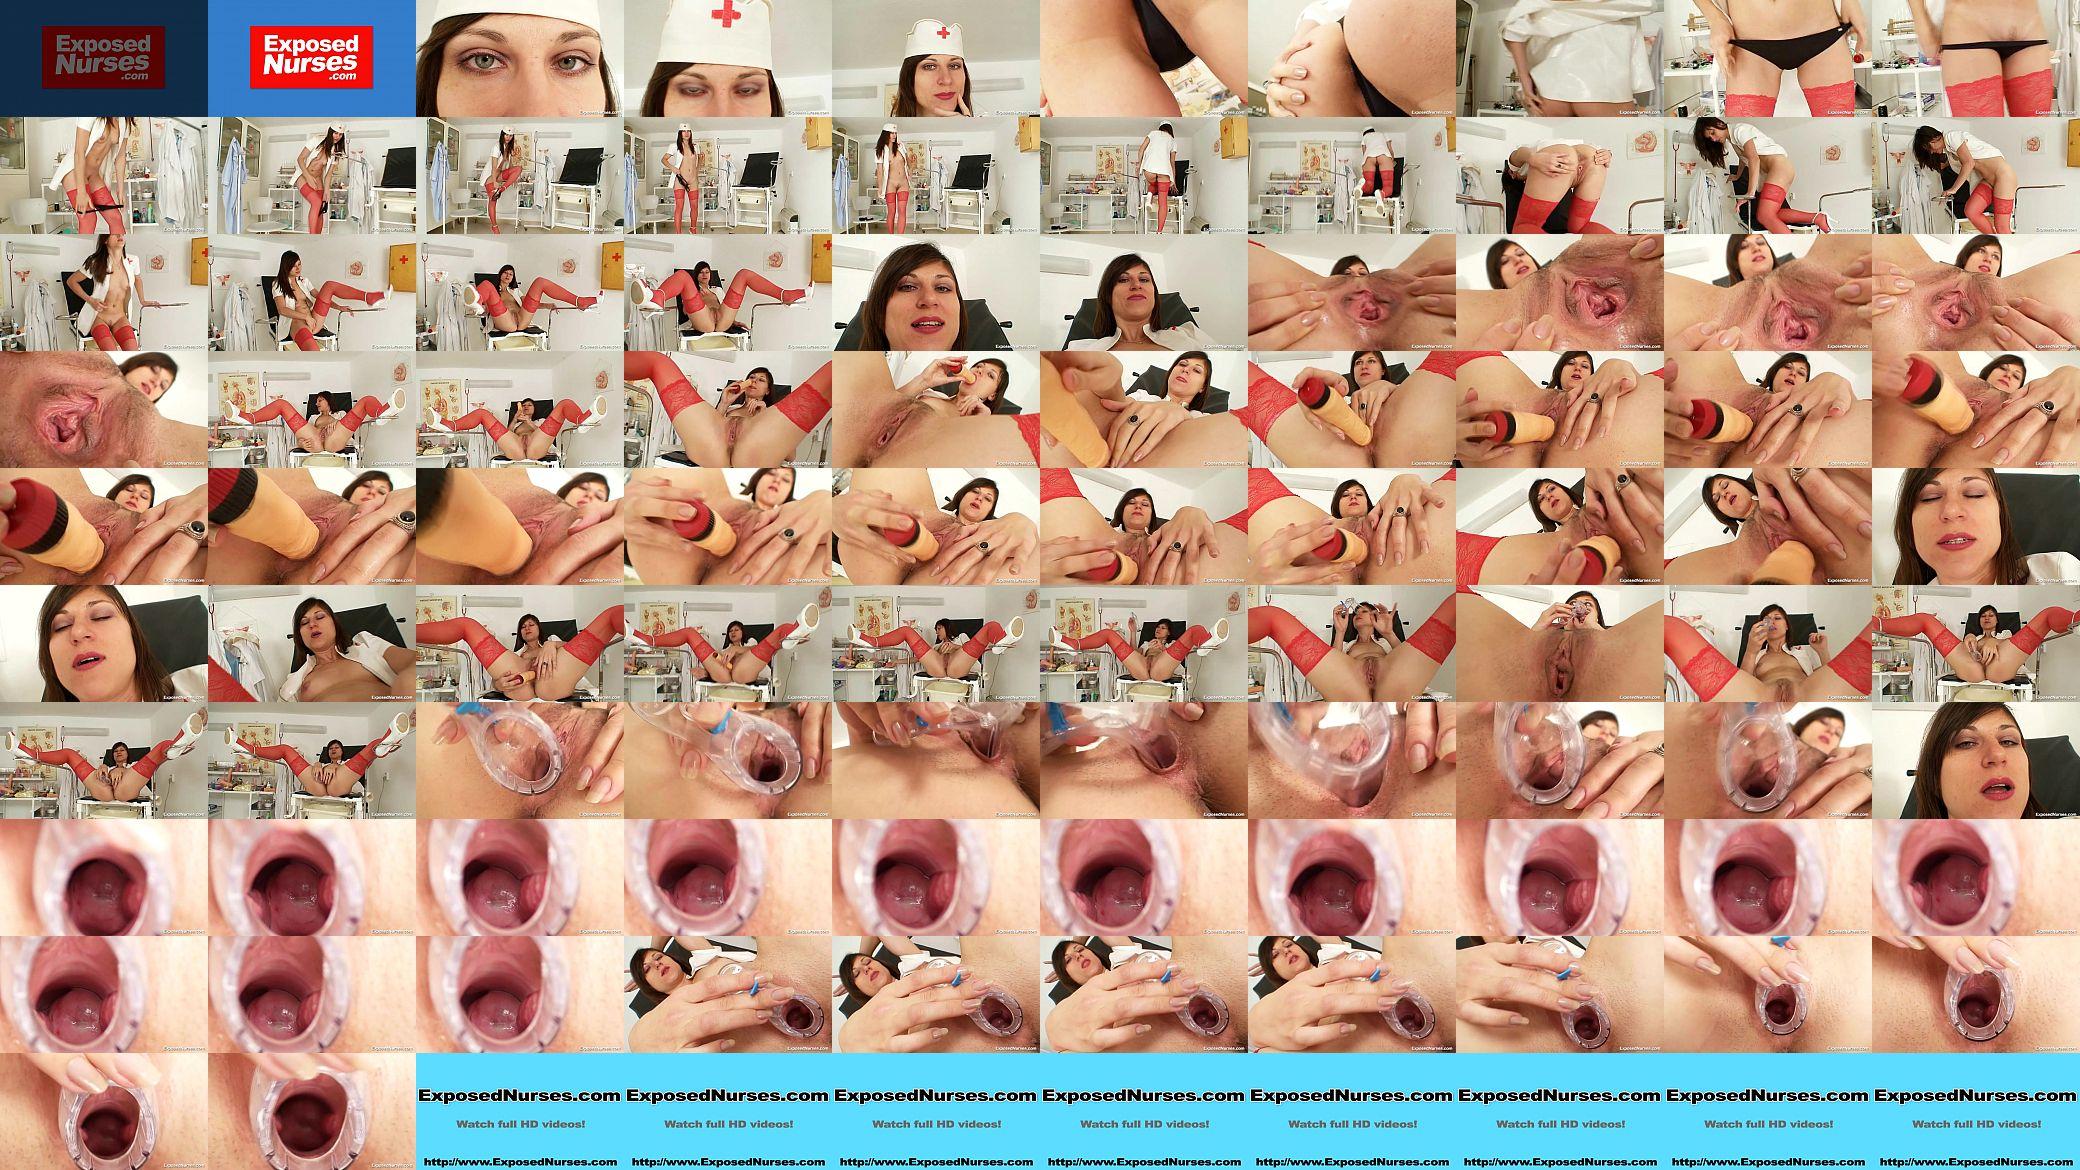 Пизденка  порно ролики без регистрации и смс порно видео